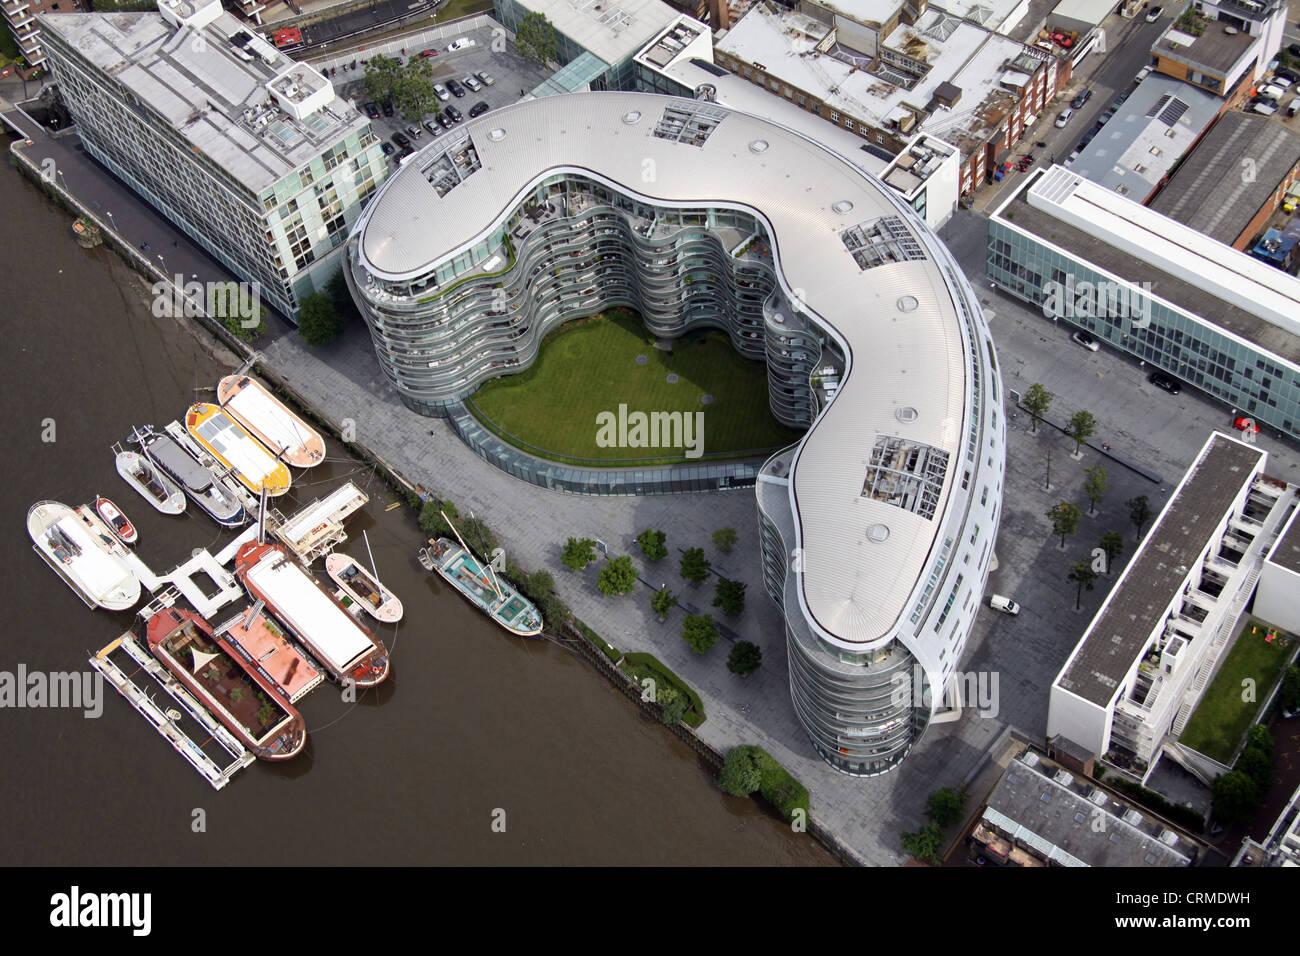 Vue aérienne d'un bloc d'appartements modernes près de Ransome's Dock, Wharf, pont de Battersea, Photo Stock